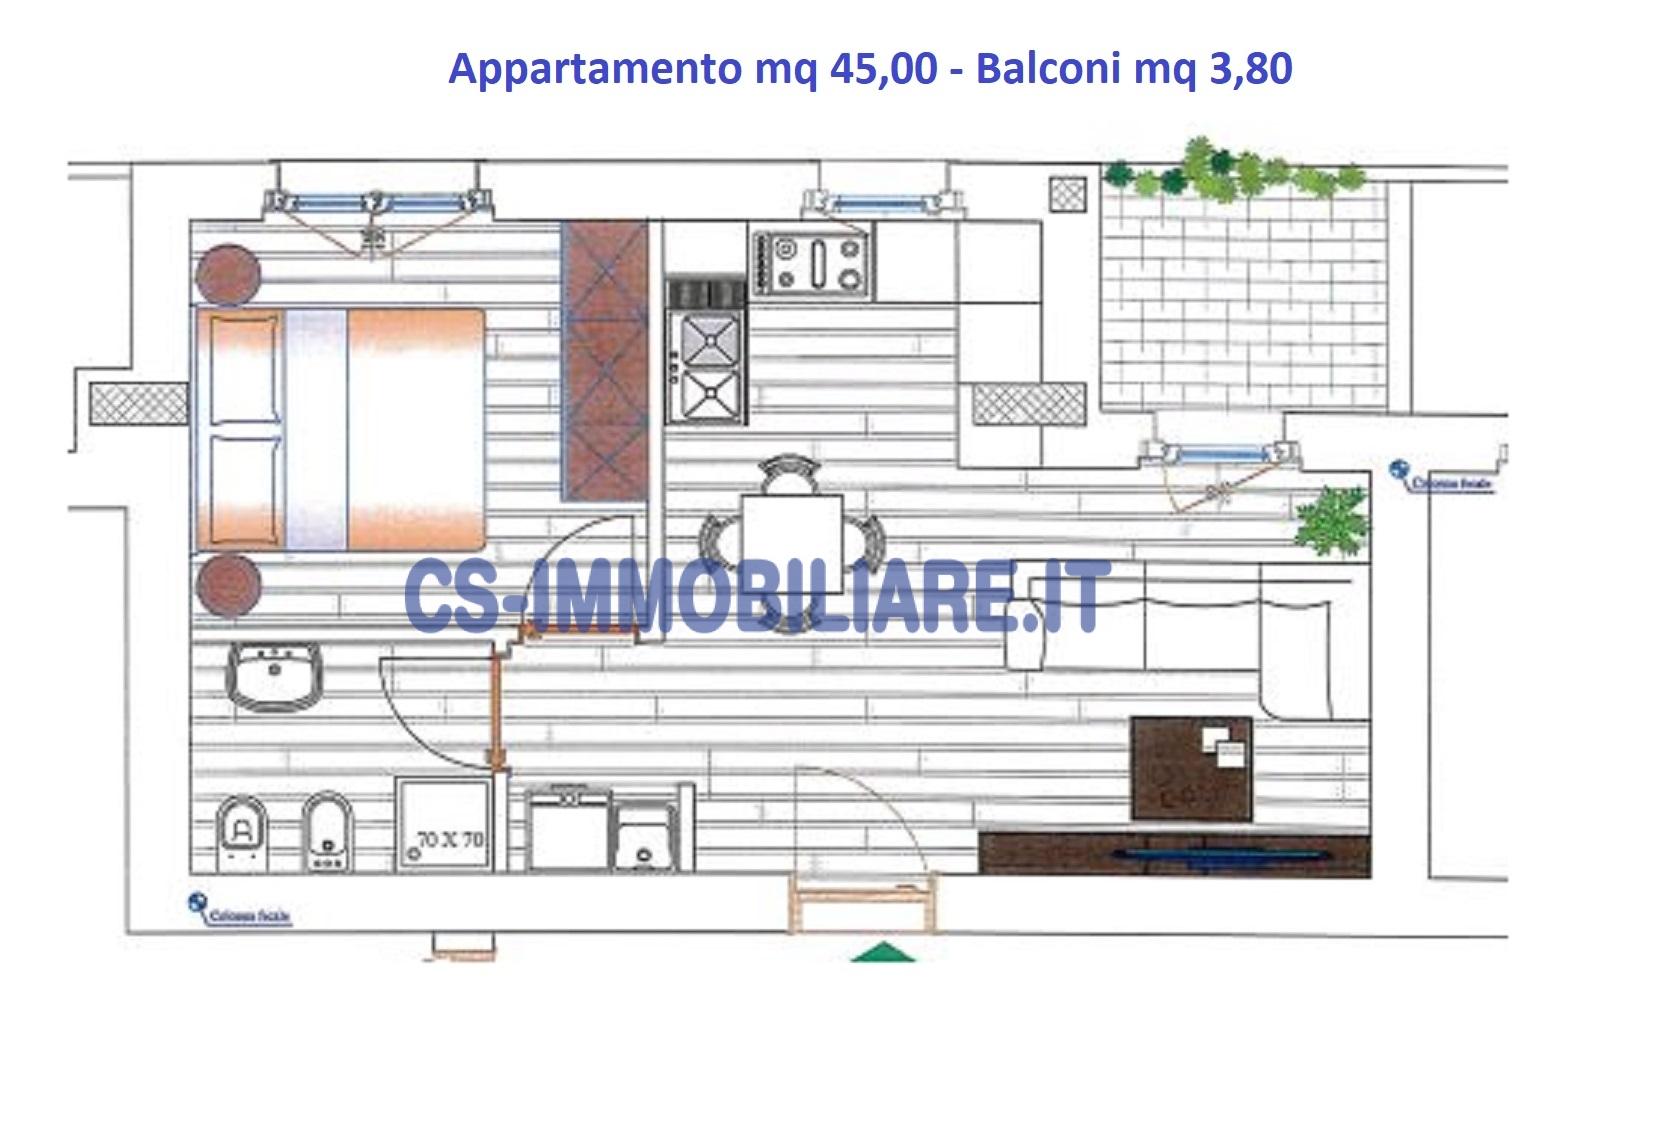 Appartamento in vendita a Potenza, 2 locali, prezzo € 111.600 | CambioCasa.it